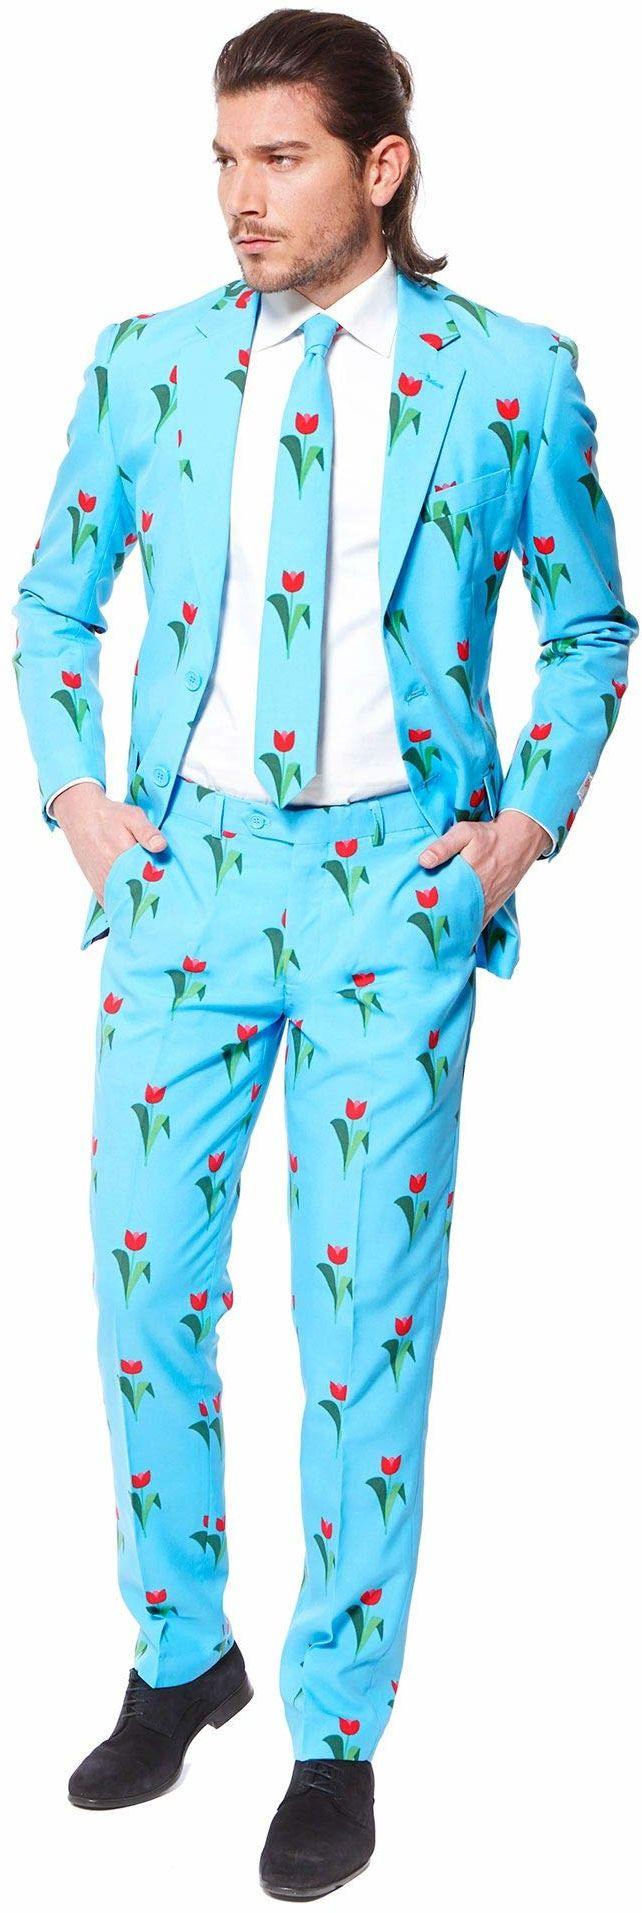 OppoSuits Zabawne stroje dla mężczyzn na bal maturalny  kompletny zestaw: marynarka, spodnie i krawat